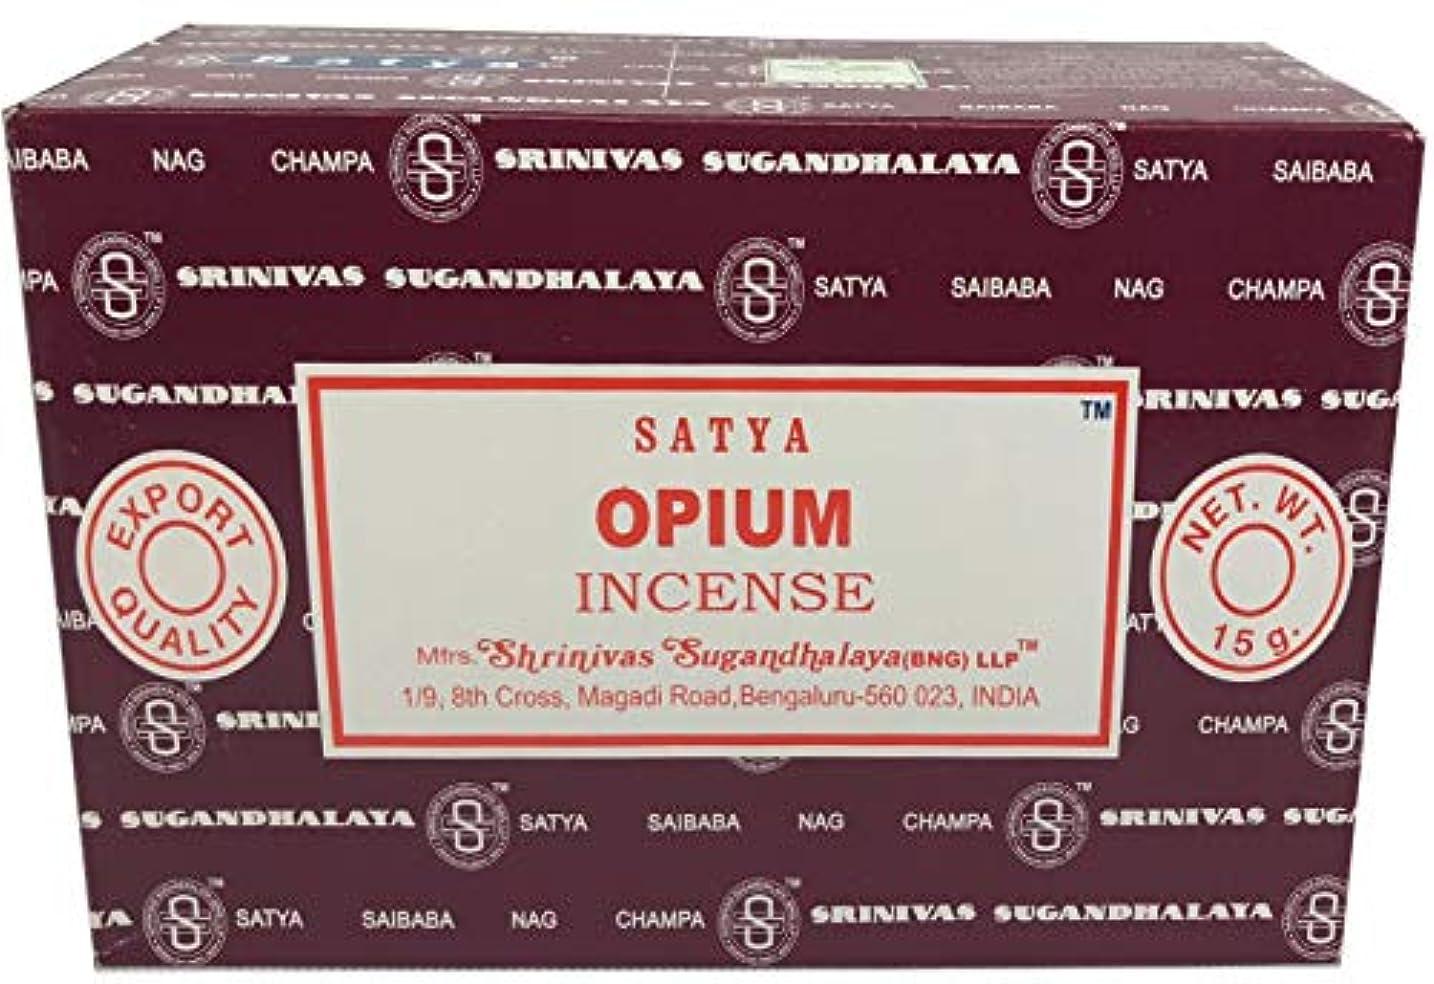 攻撃郵便物丁寧Satya Sai Baba Nag Champa - オピウム お香スティック ボックス - 12個パック (15グラム)